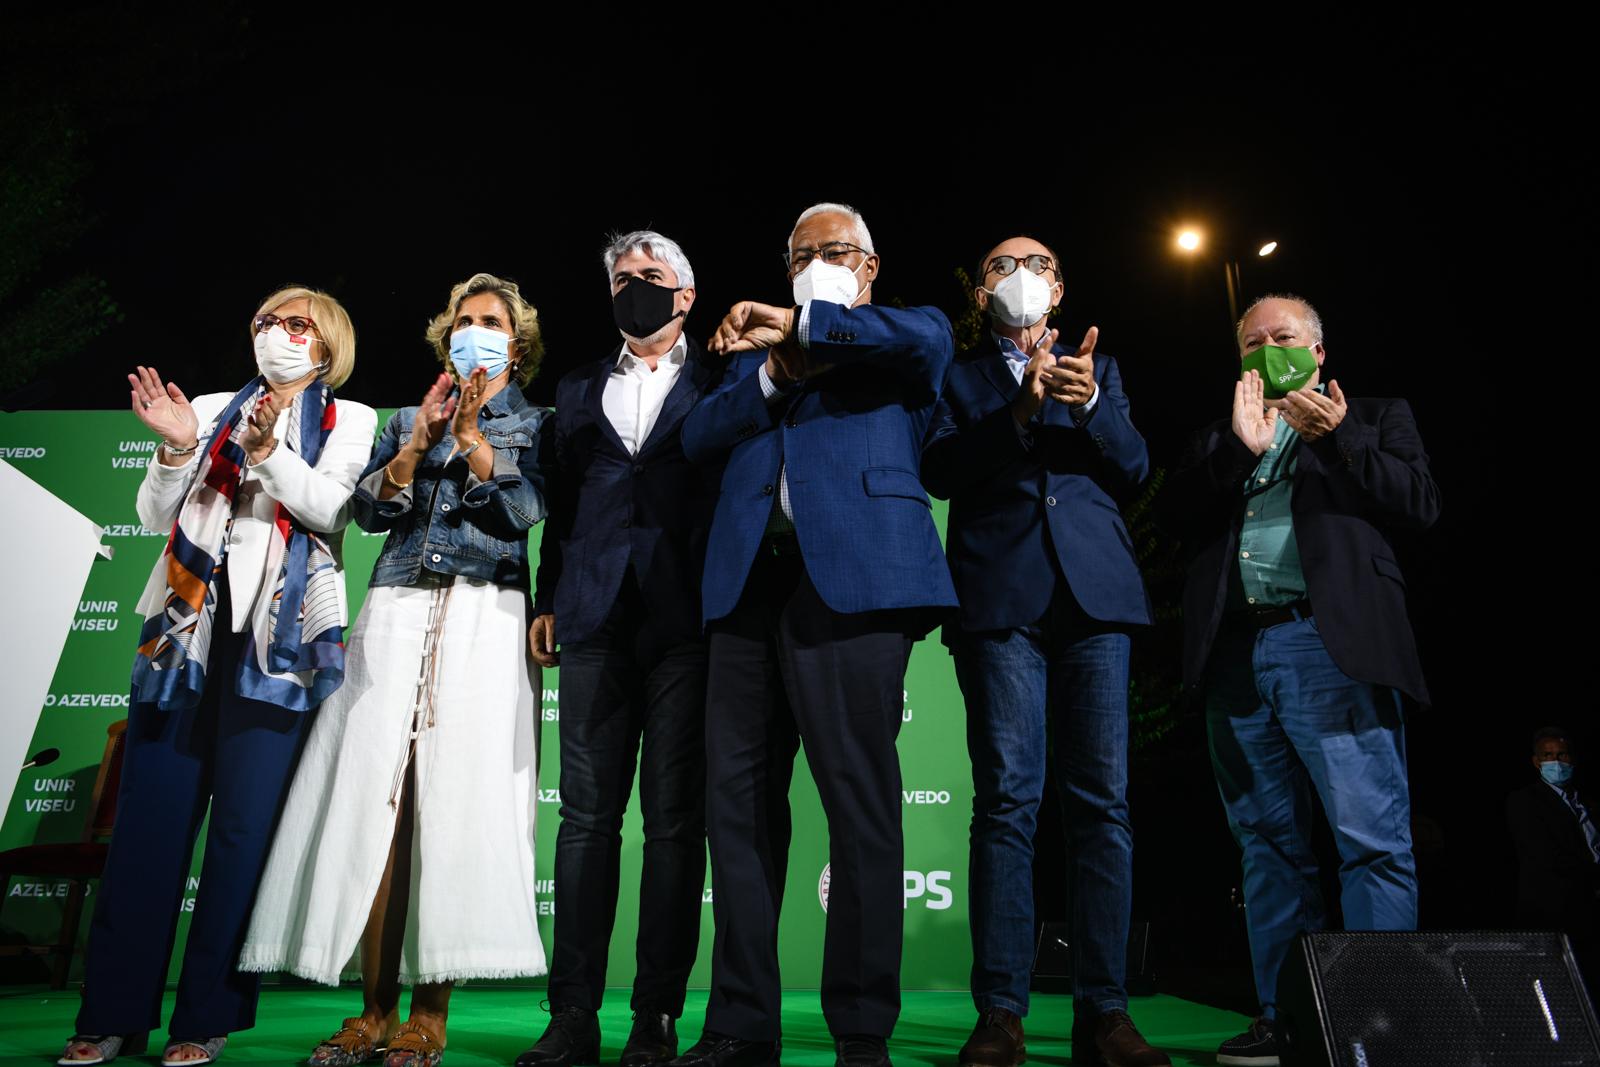 Lucia Silva, Ana abrunhosa, João Azevedo, António Costa, Rui Cruz e Simões Torres na campanha autárquica pela PS em Viseu